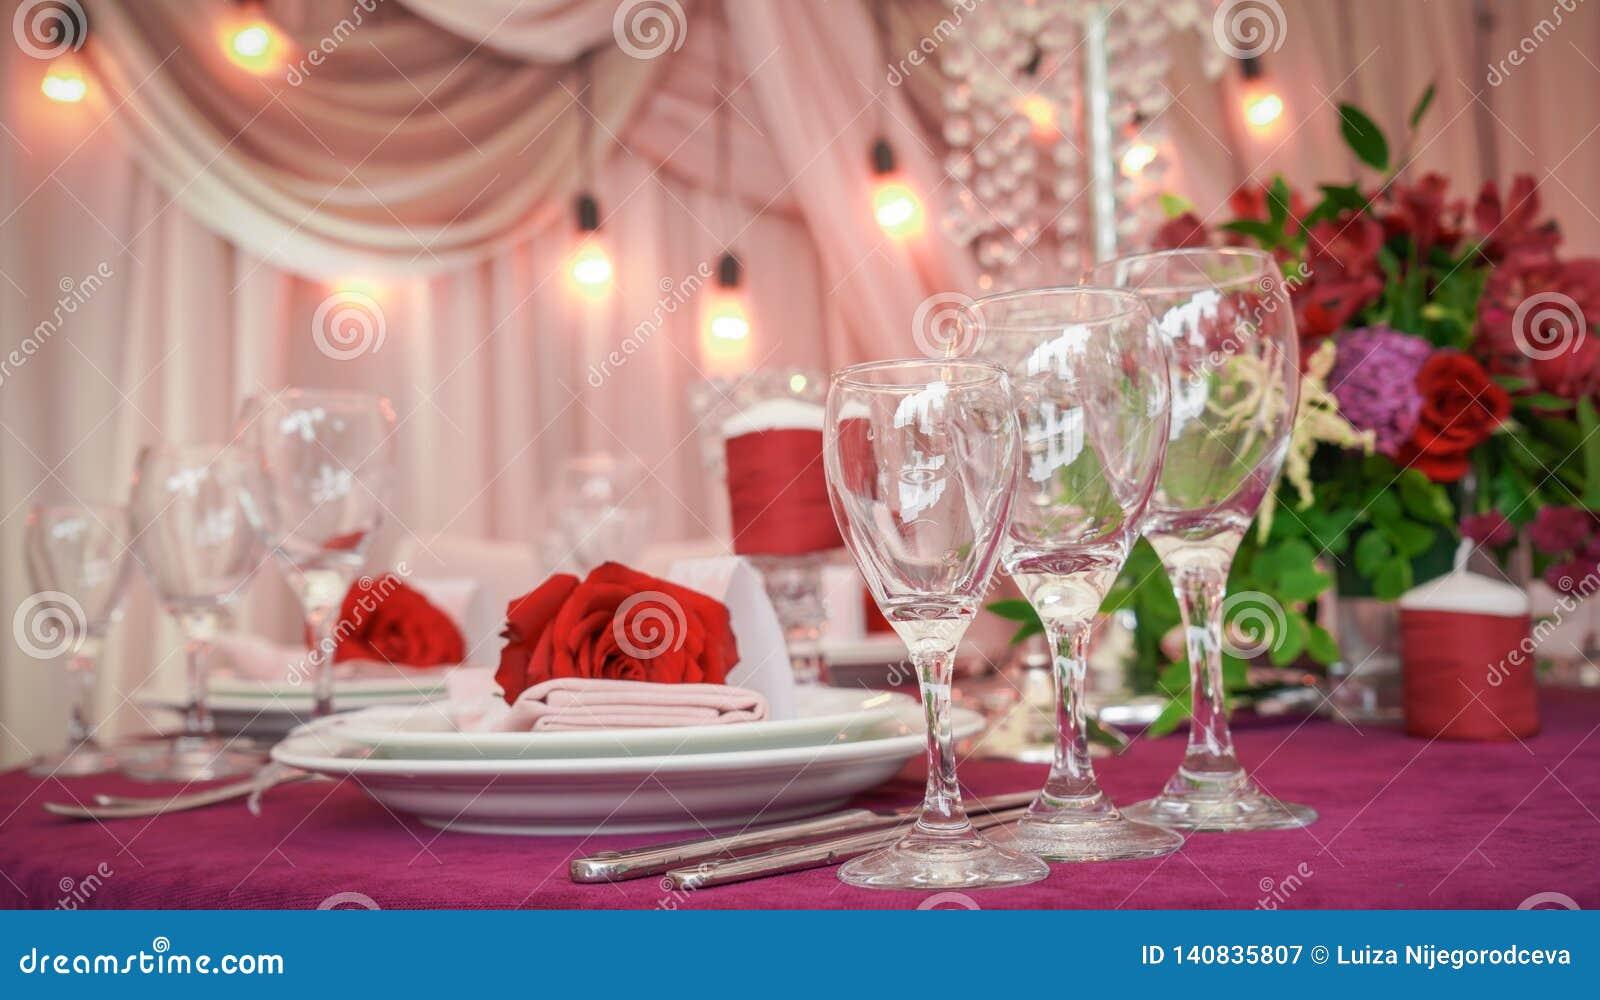 Εορταστική επιτραπέζια διακόσμηση με τα κόκκινα λουλούδια και τα γυαλιά